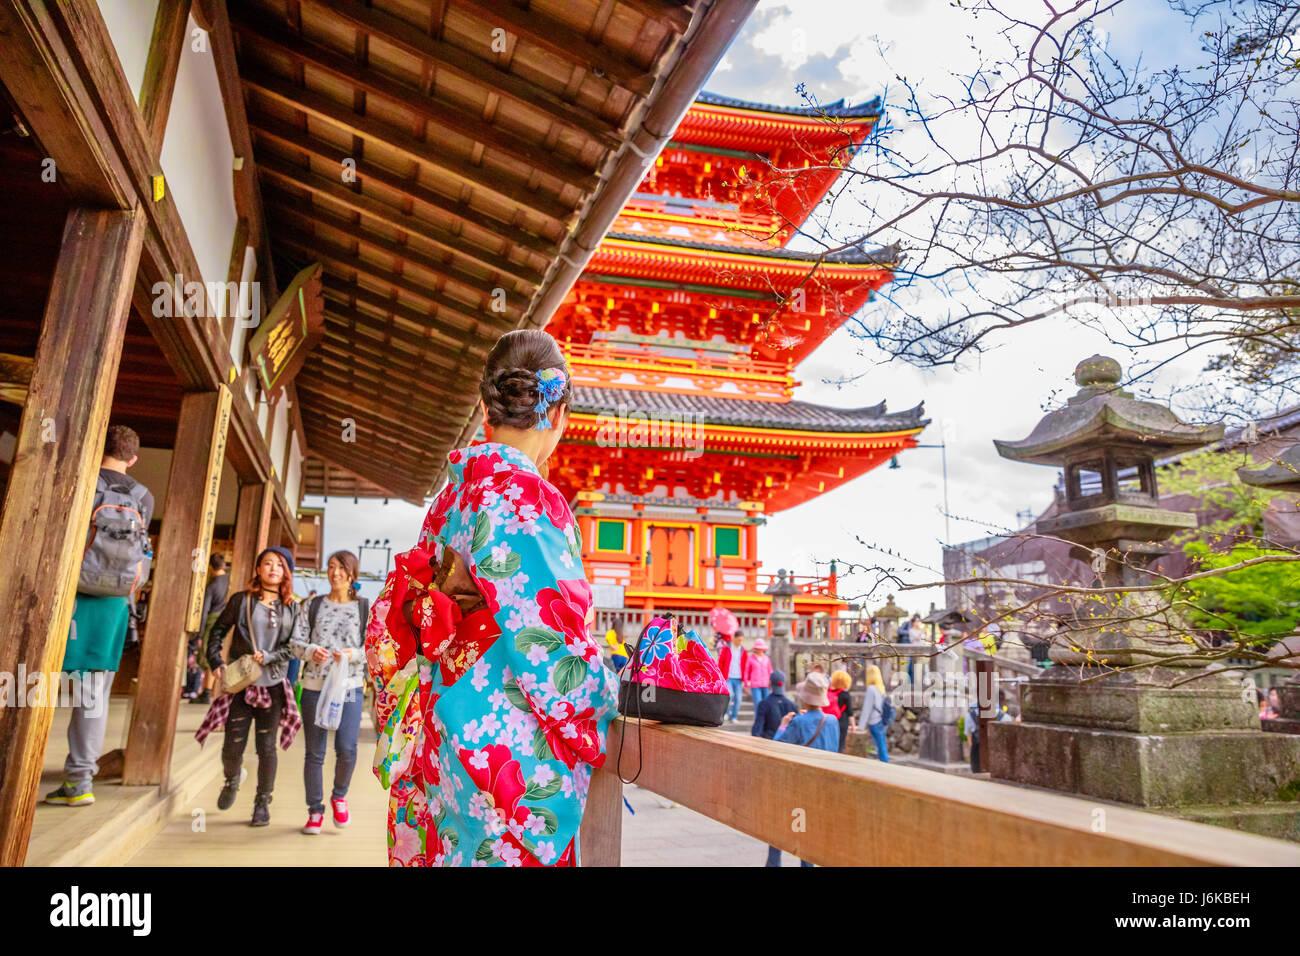 Kiyomizudera Kyoto Japan - Stock Image